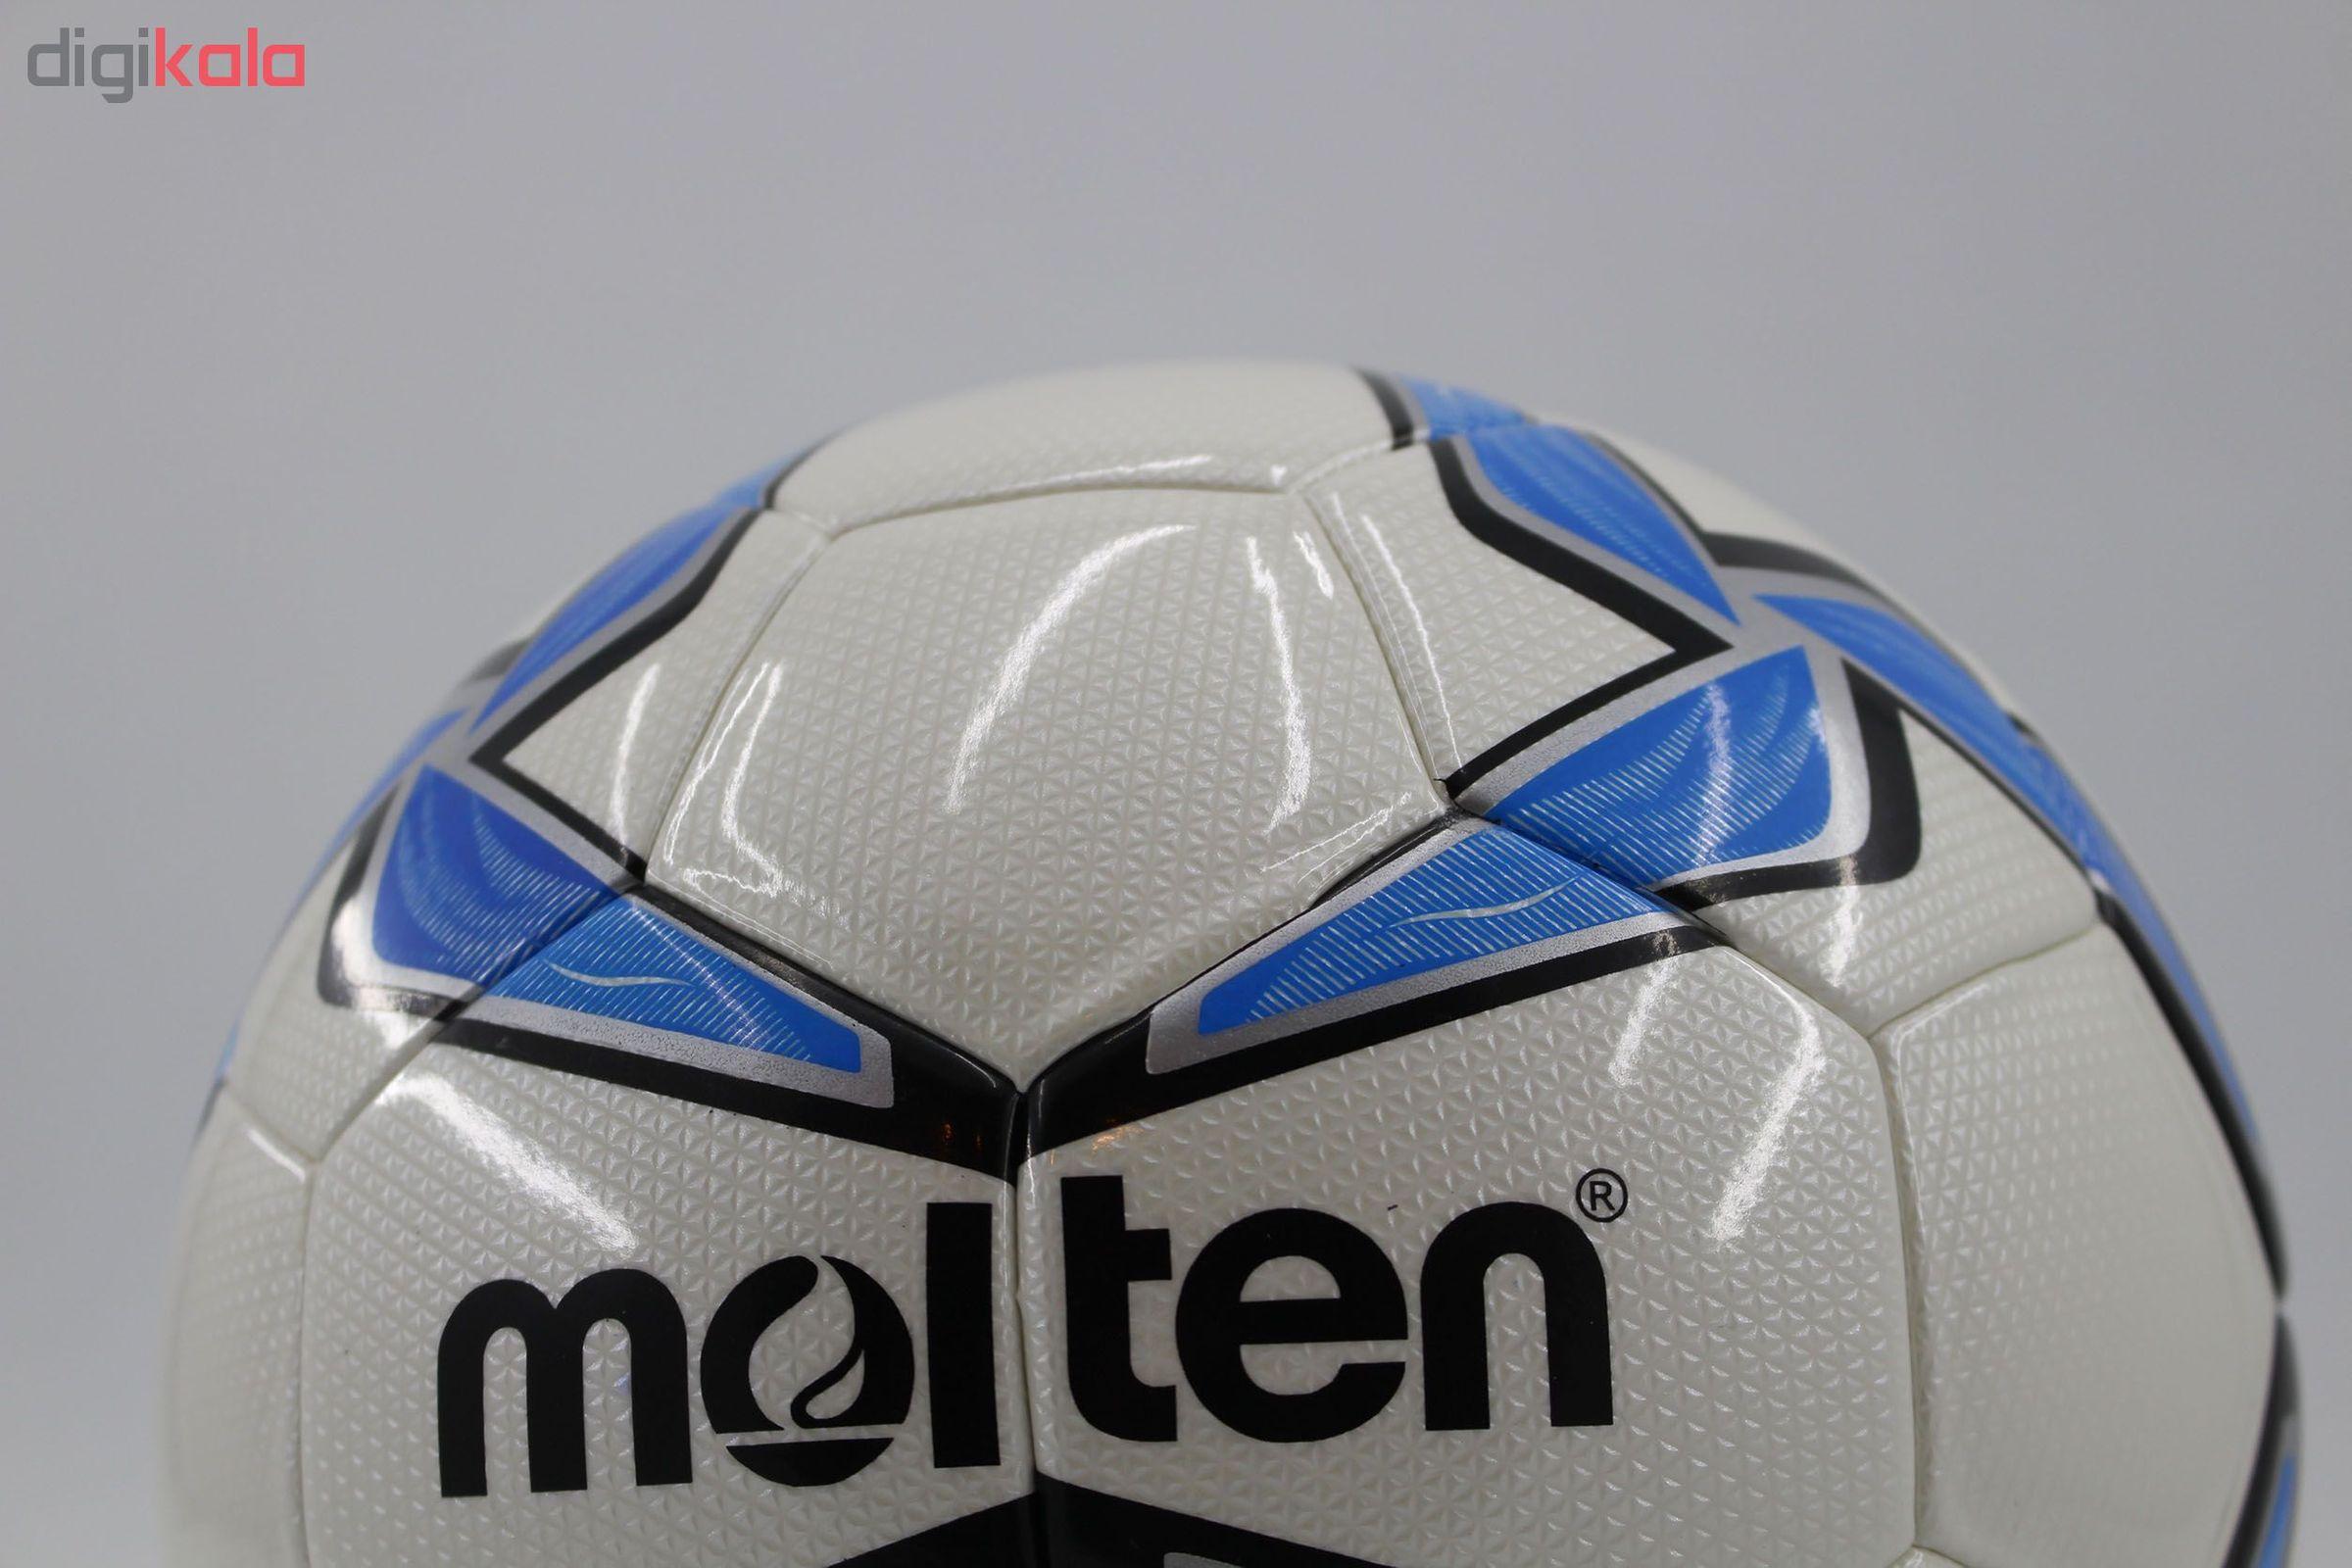 توپ فوتبال مدل Vantiaggio 5000 main 1 2